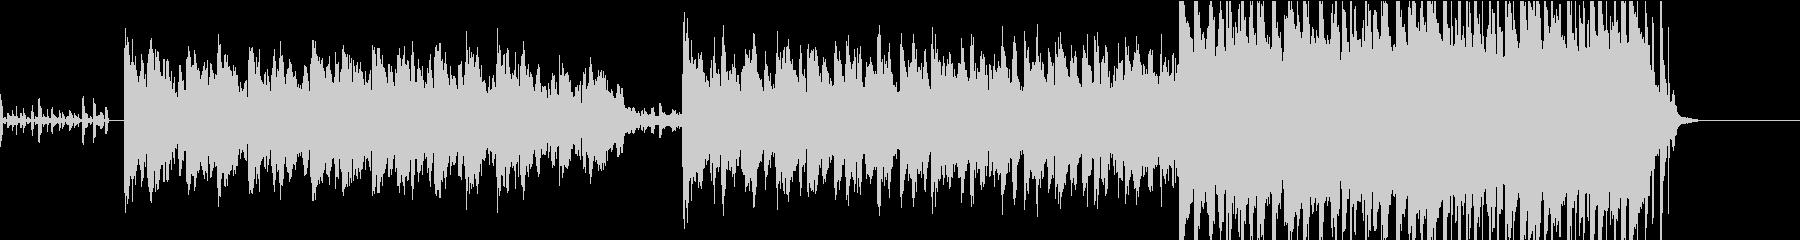 最近聞かれる トロピカルハウス系BGMの未再生の波形